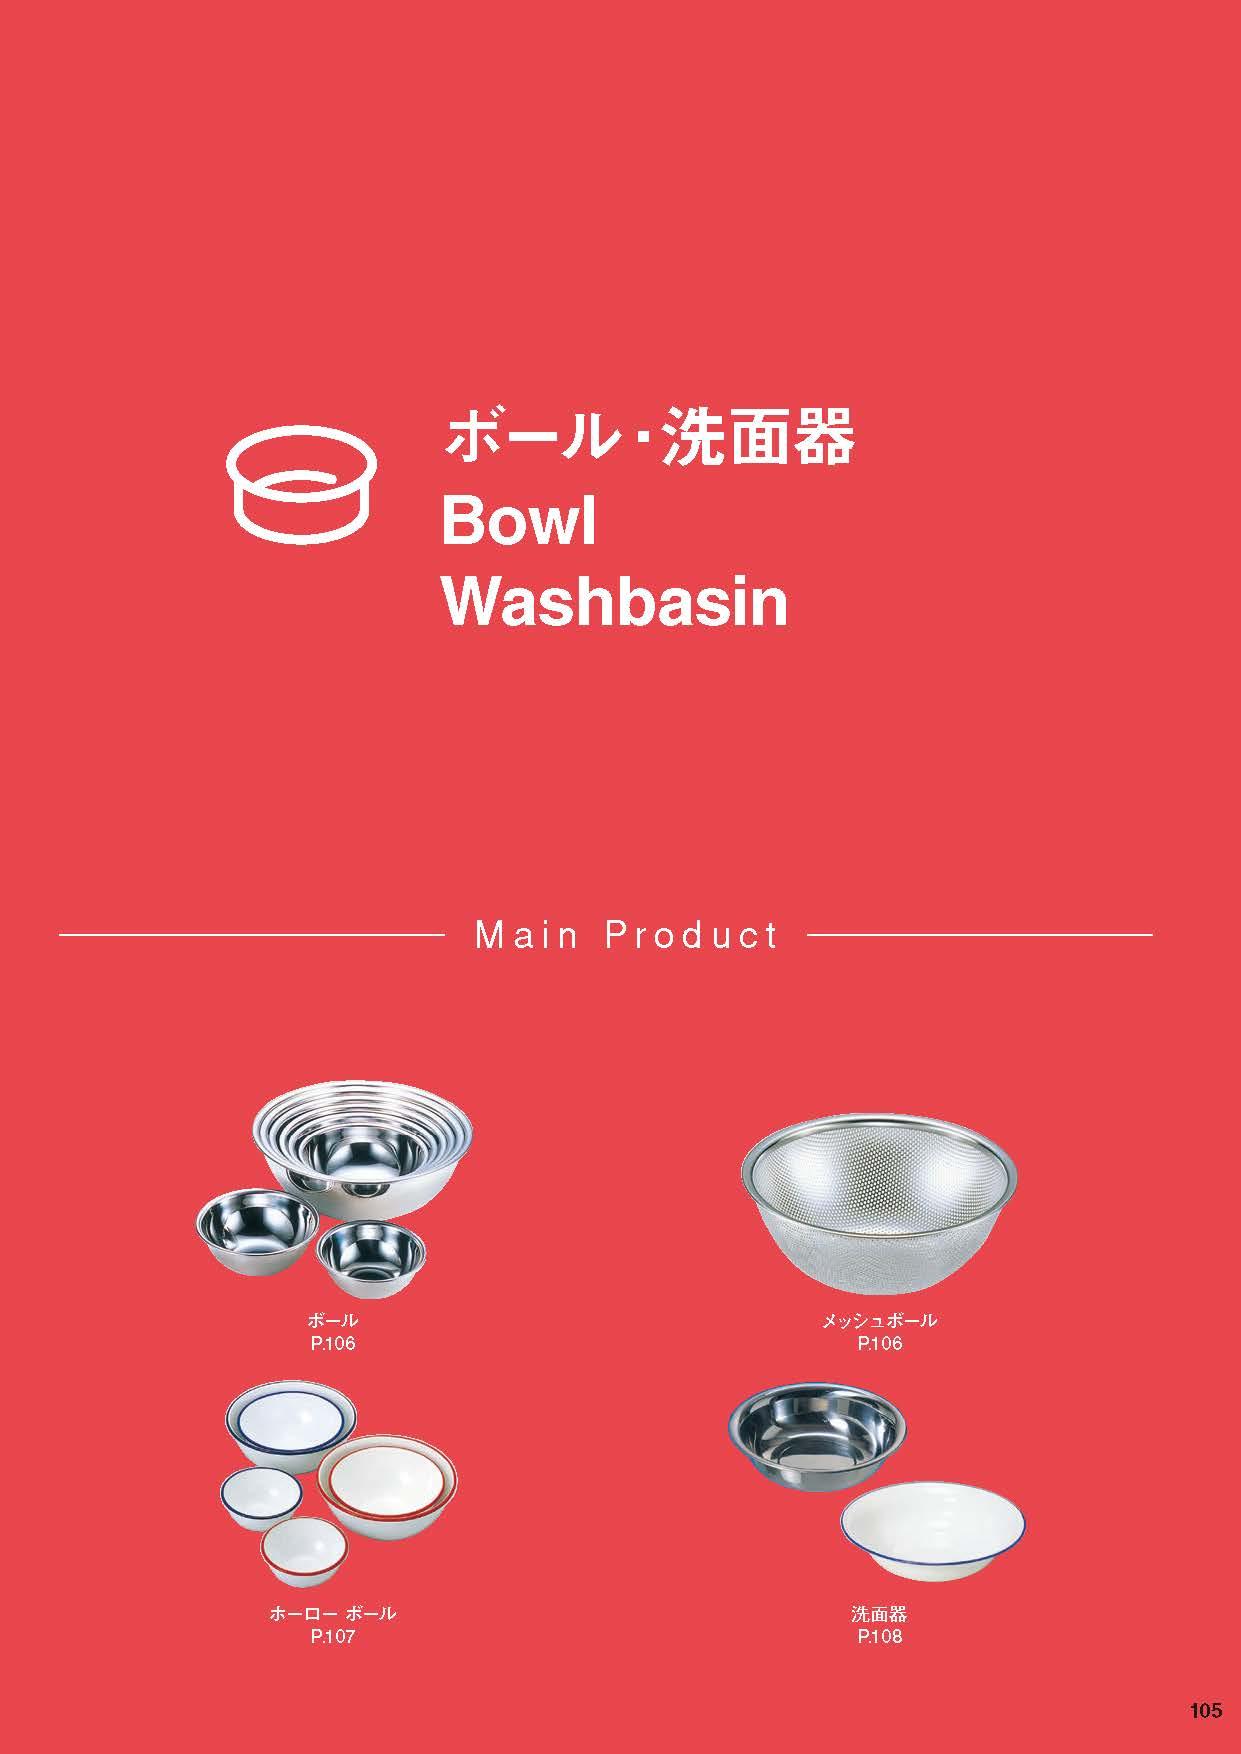 ボール・洗面器